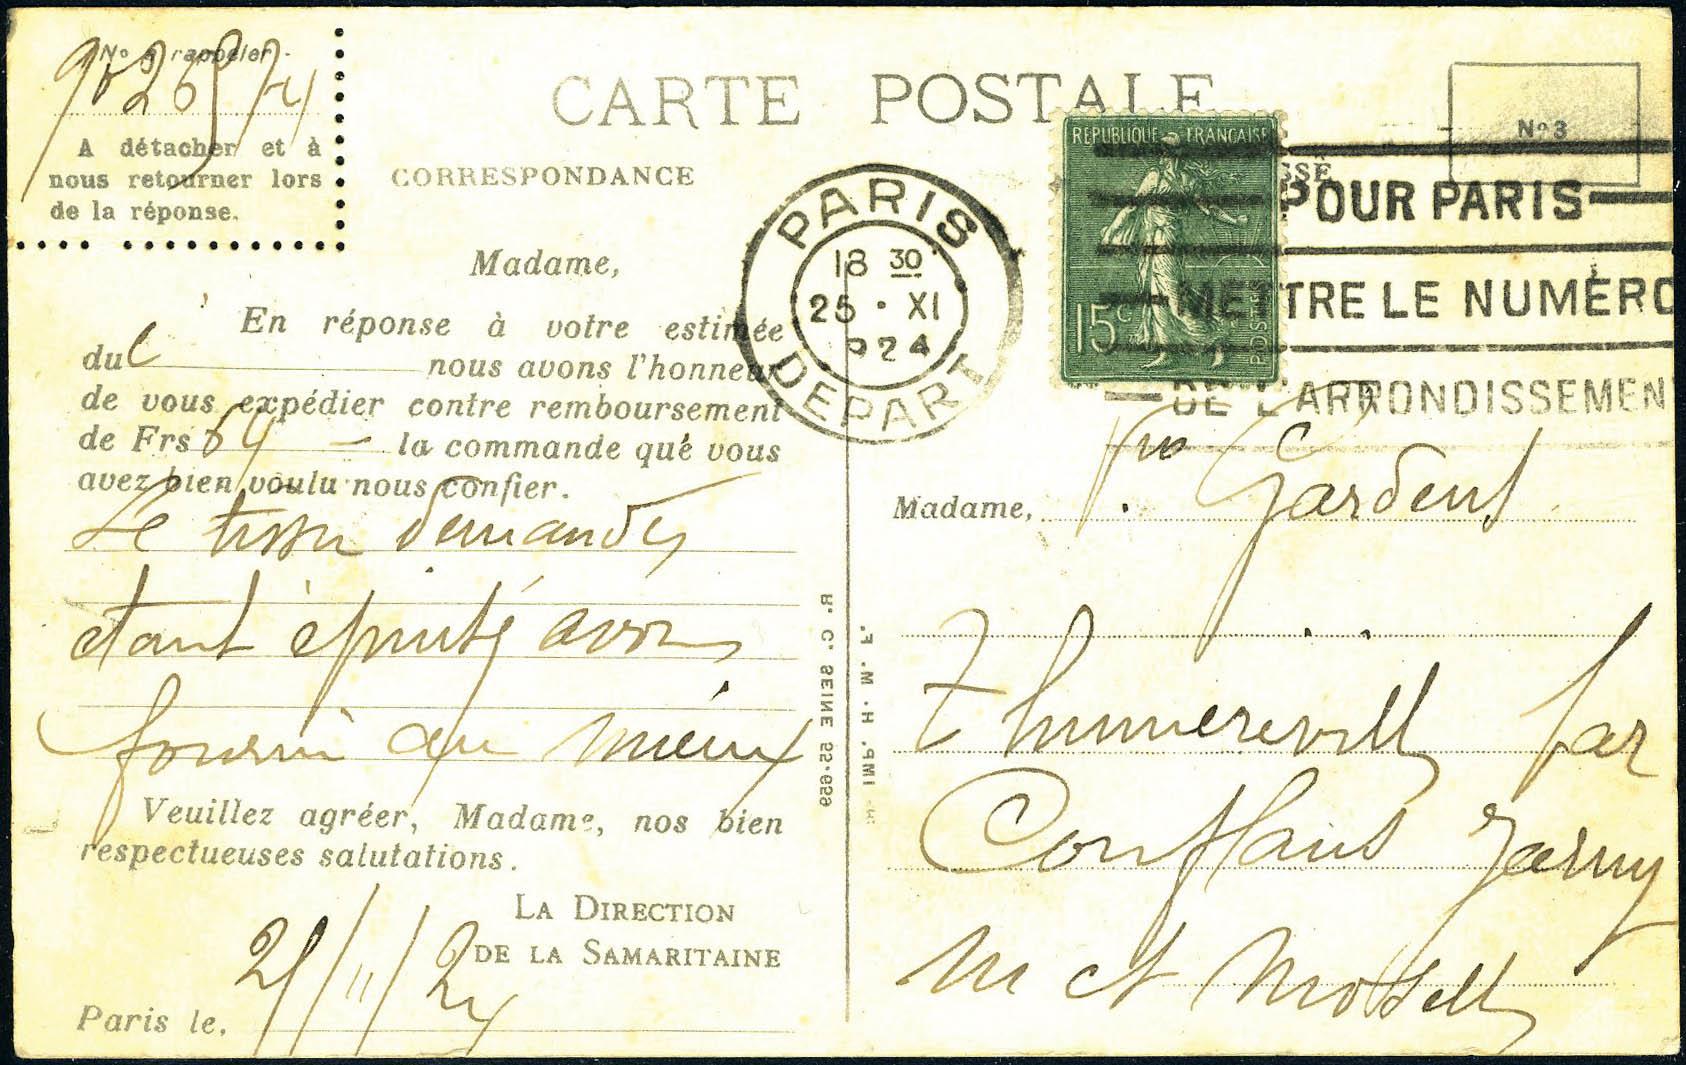 Lot 365 - France a partir de 1900 -  Francois Feldman F.C.N.P François FELDMAN sale #124